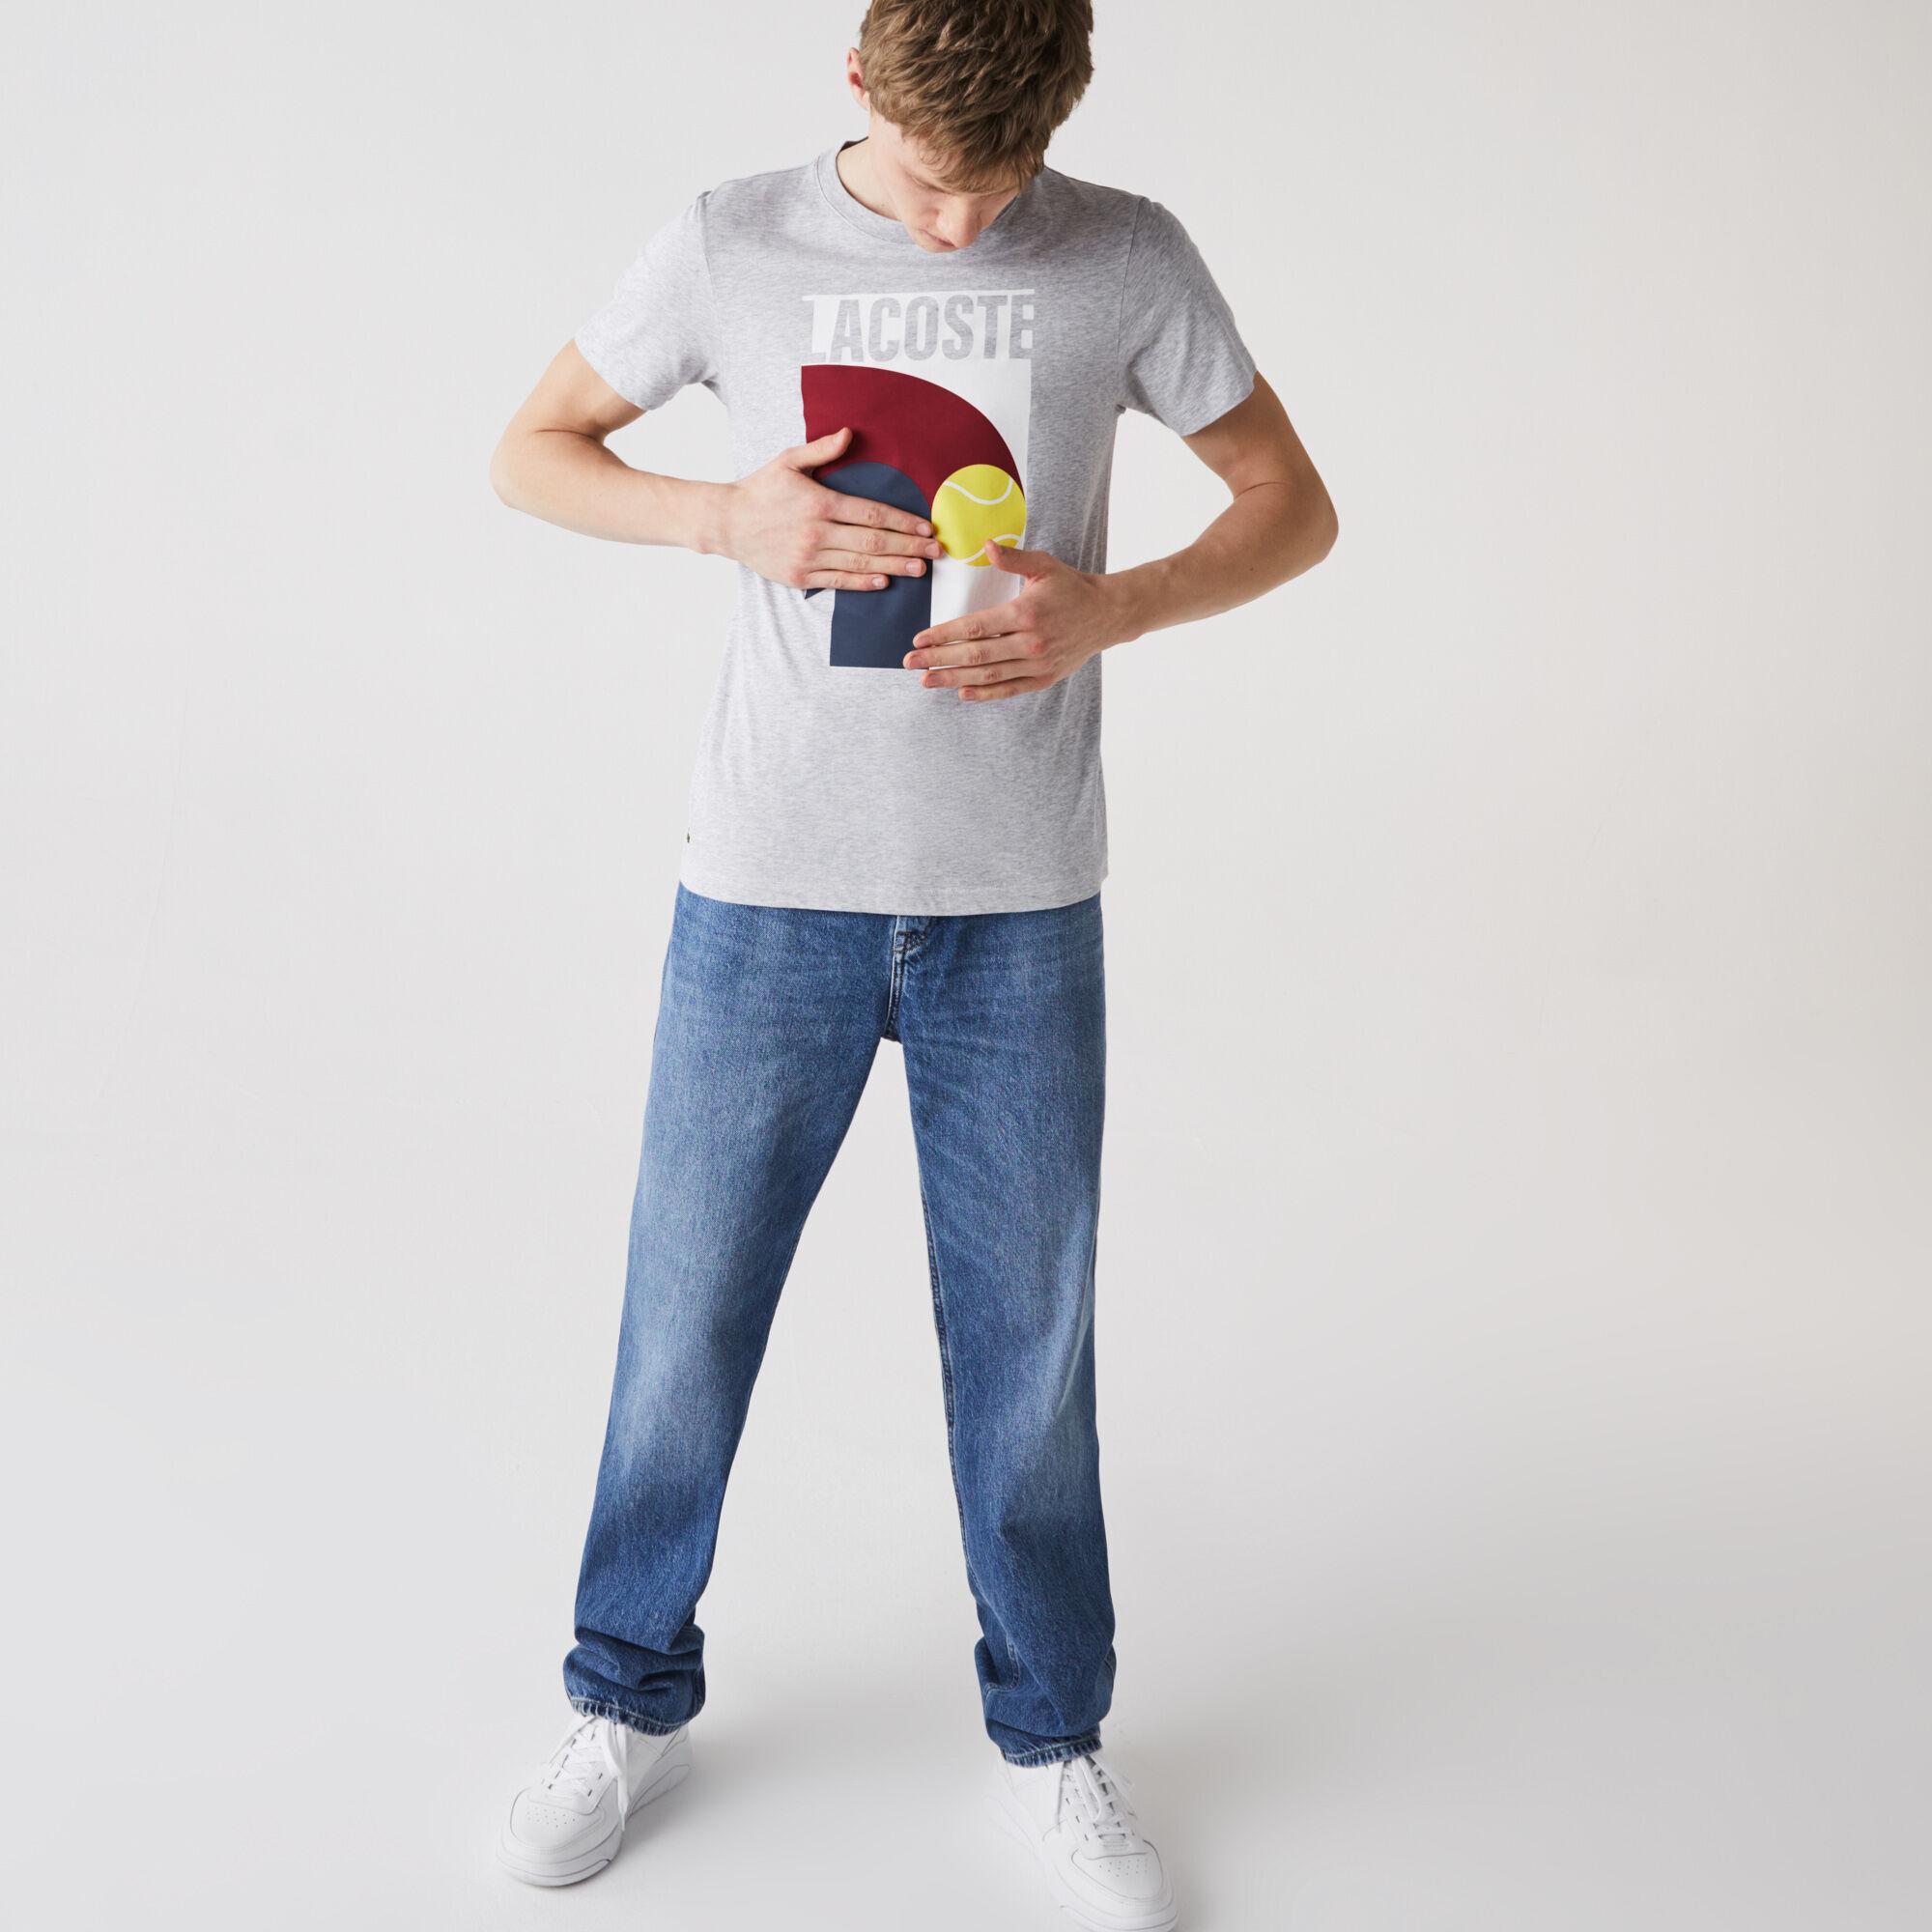 Men's Lacoste SPORT Breathable Graphic Print T-shirt